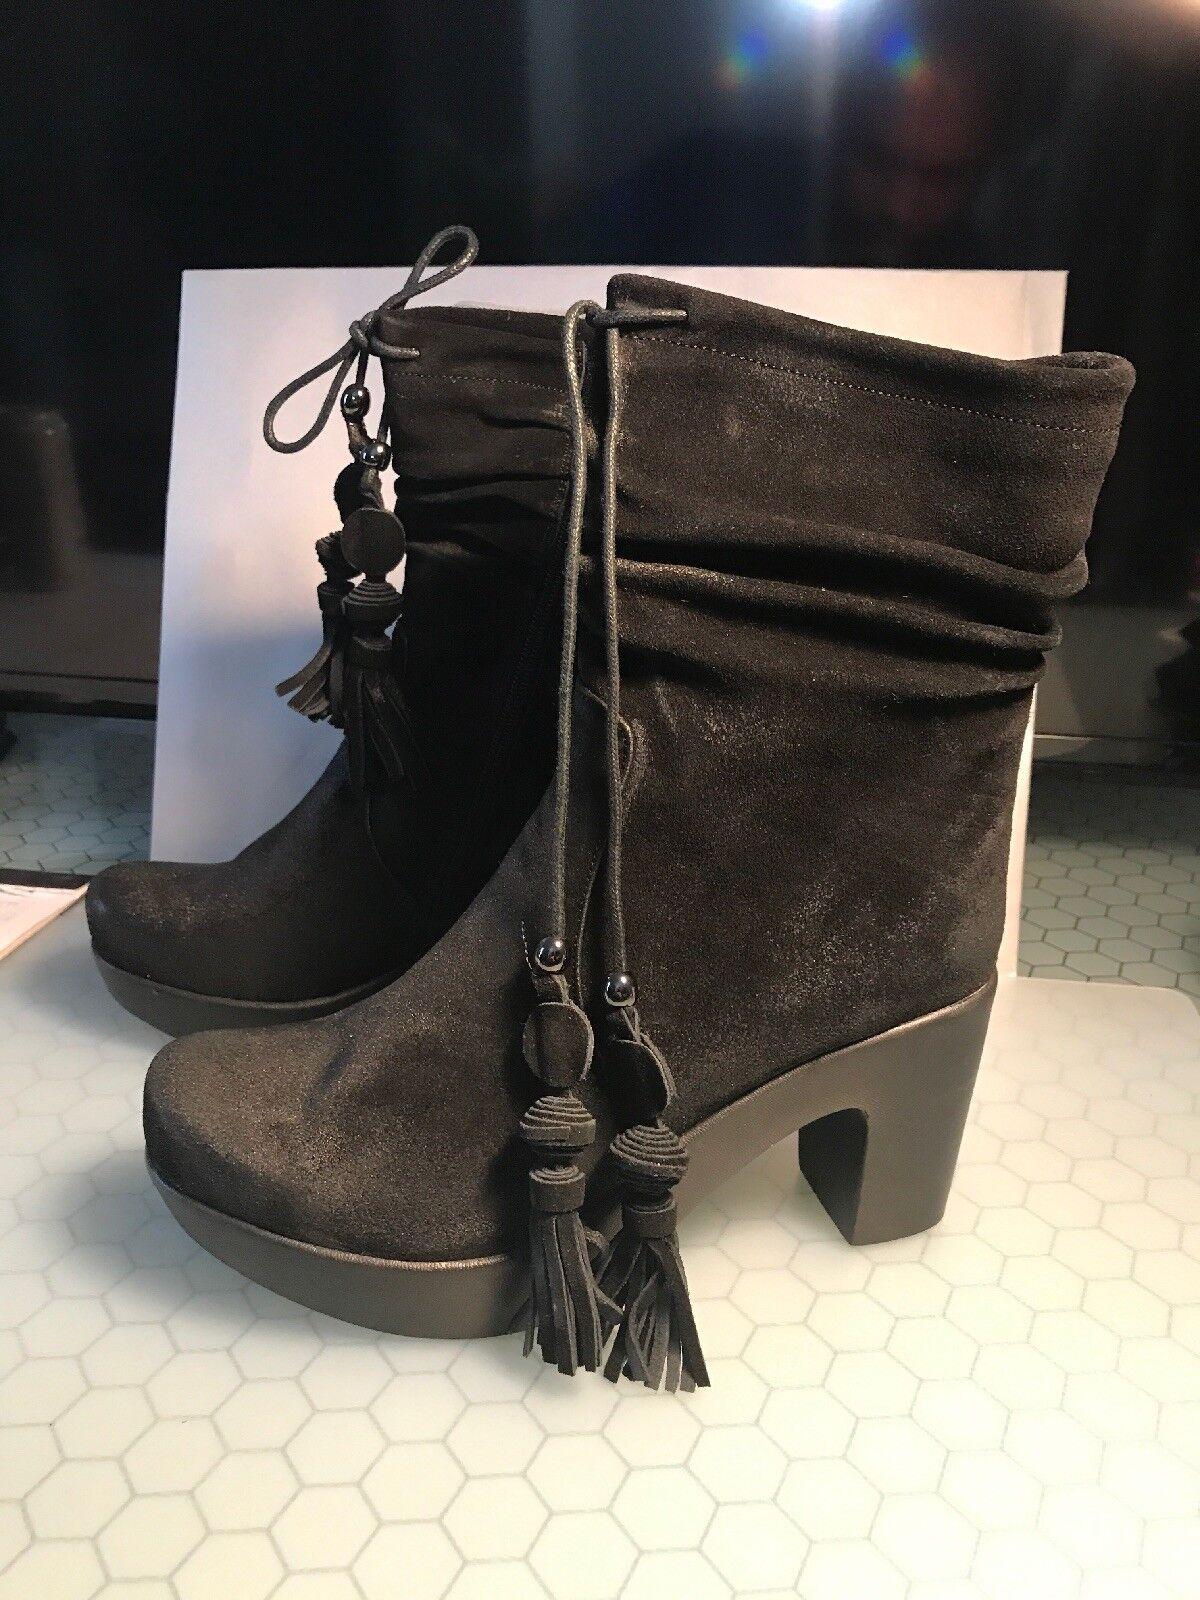 Antílope negro Cepillo Borlas botas botas botas De Gamuza Talla 41 Nuevo en Caja  estilo 733 Shoshana   ventas en linea